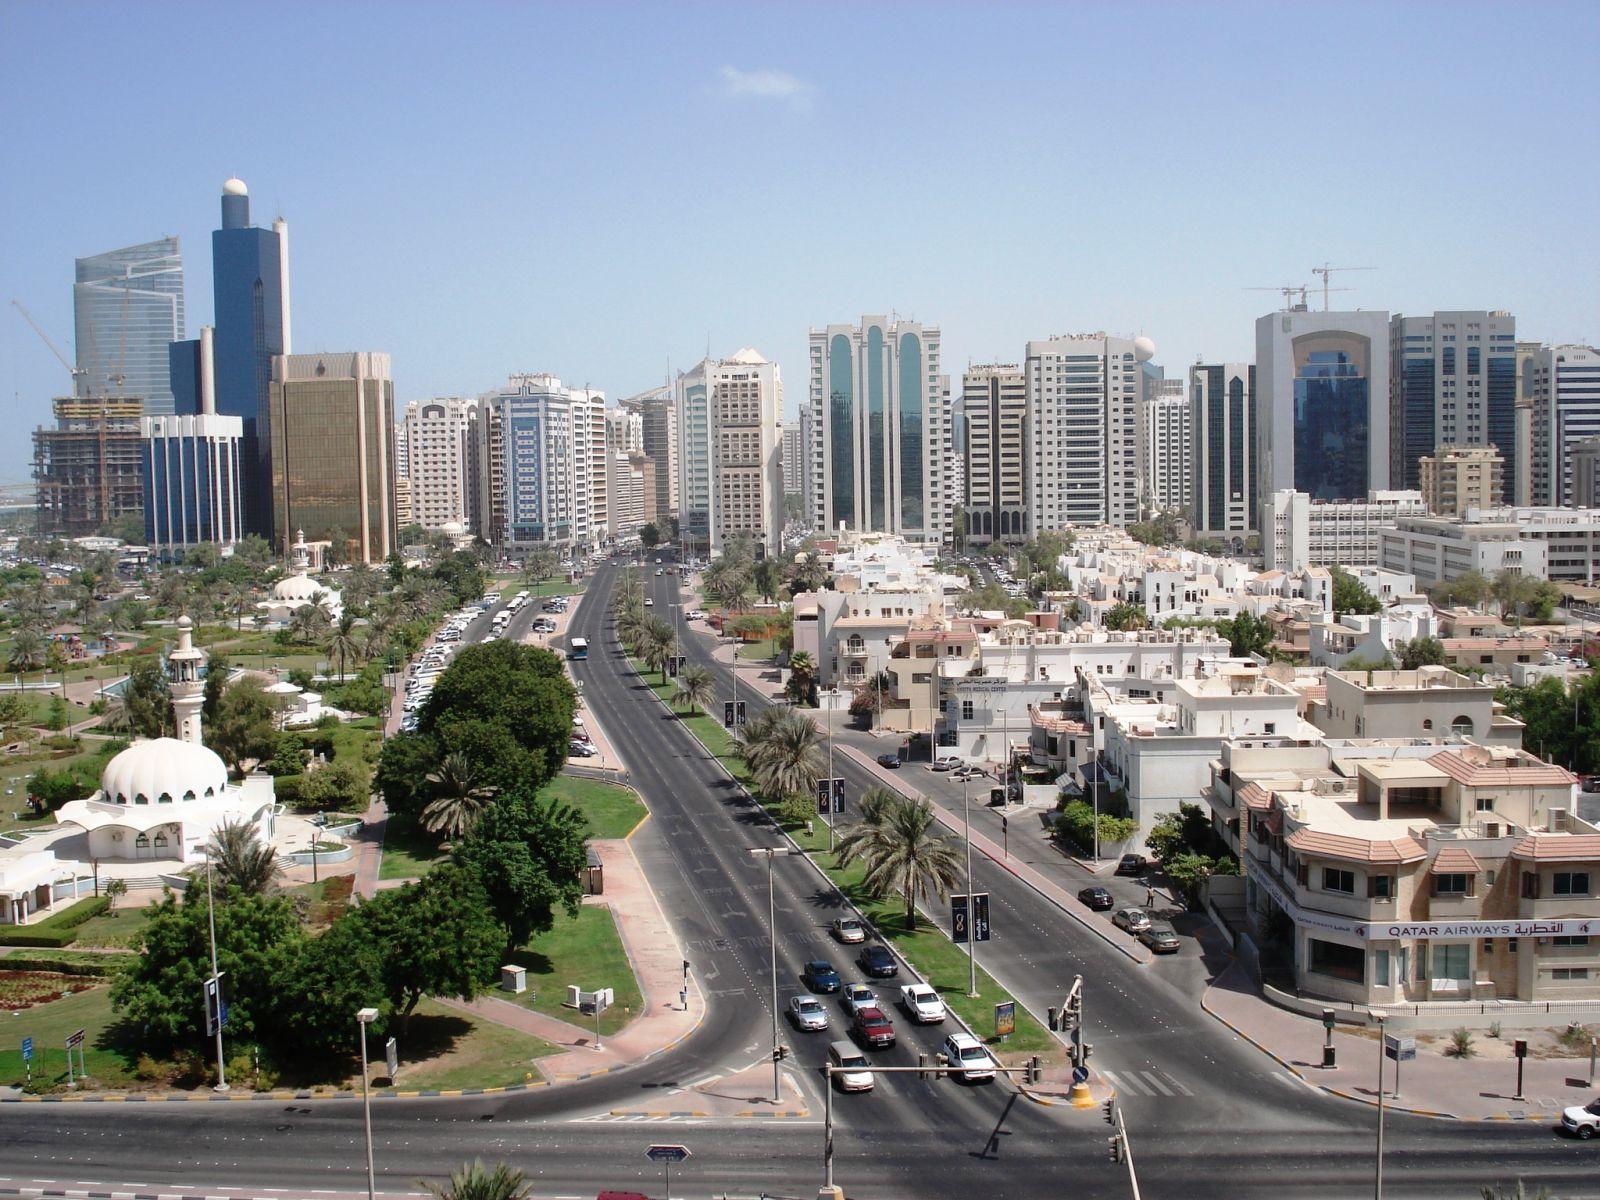 Эмираты отель ум аль кувейн смотреть секс развлечения